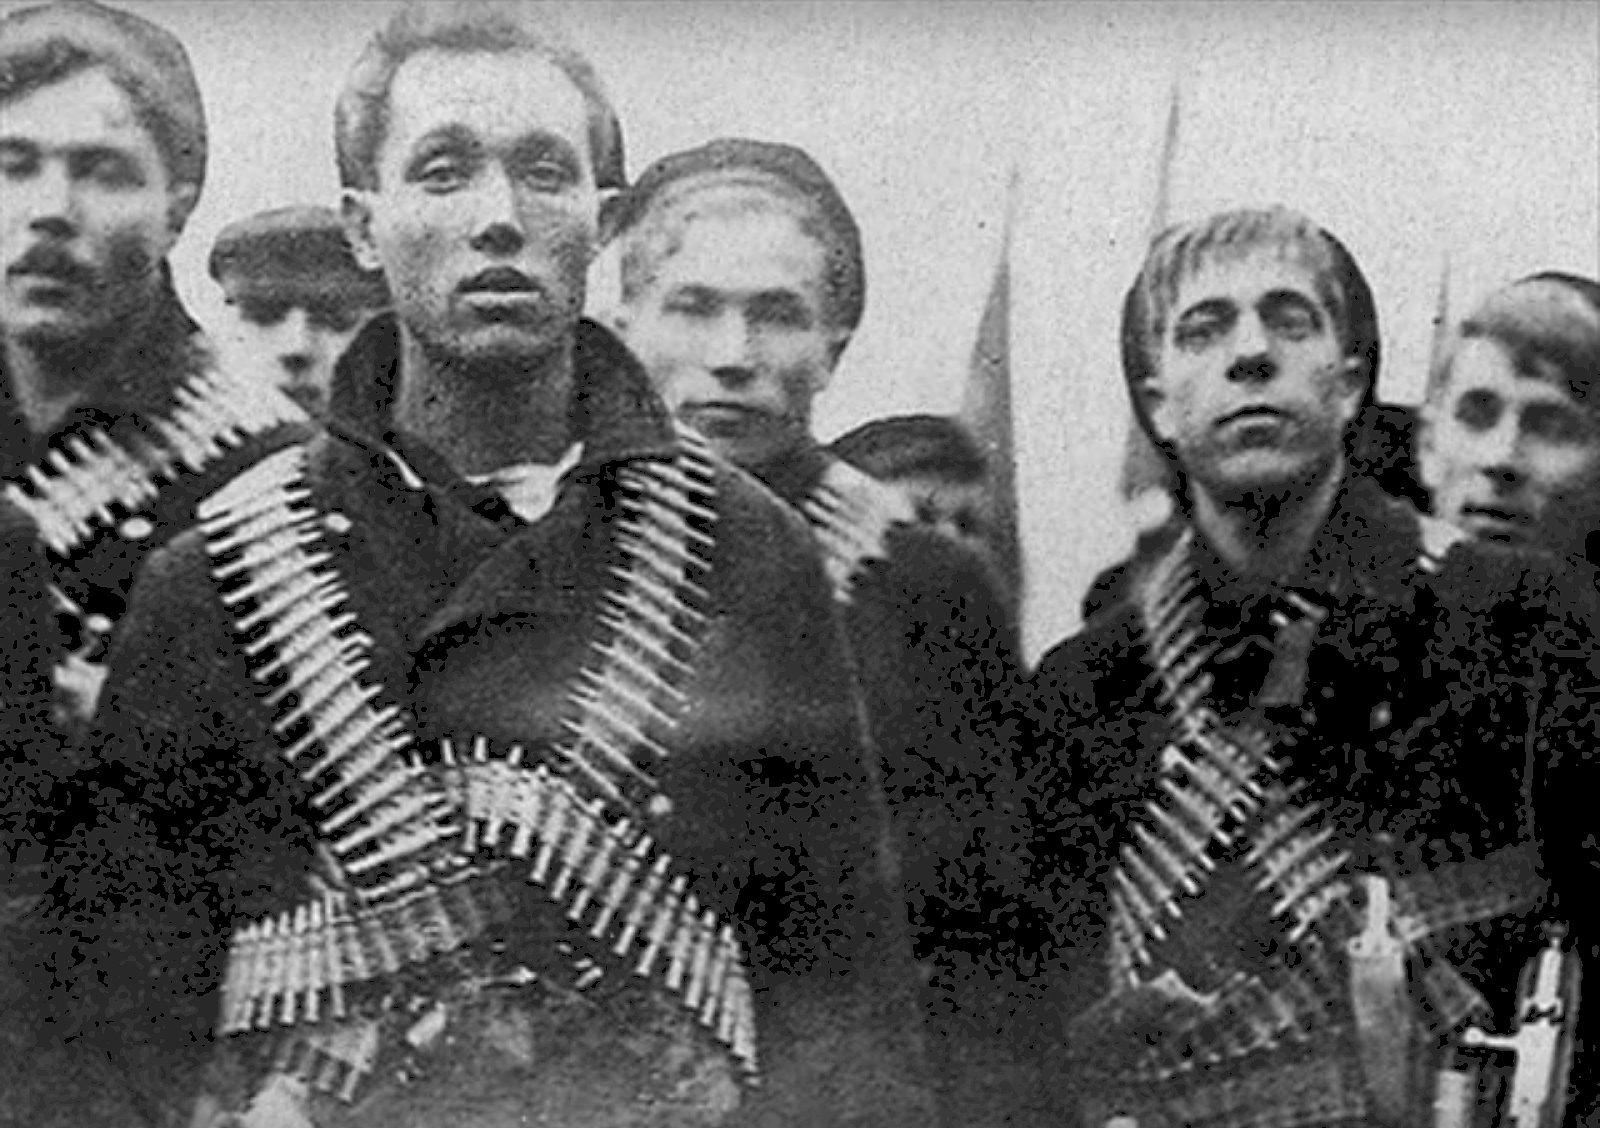 Sailors of Kronstadt 1921. Photo: Unknown. Public Domain.